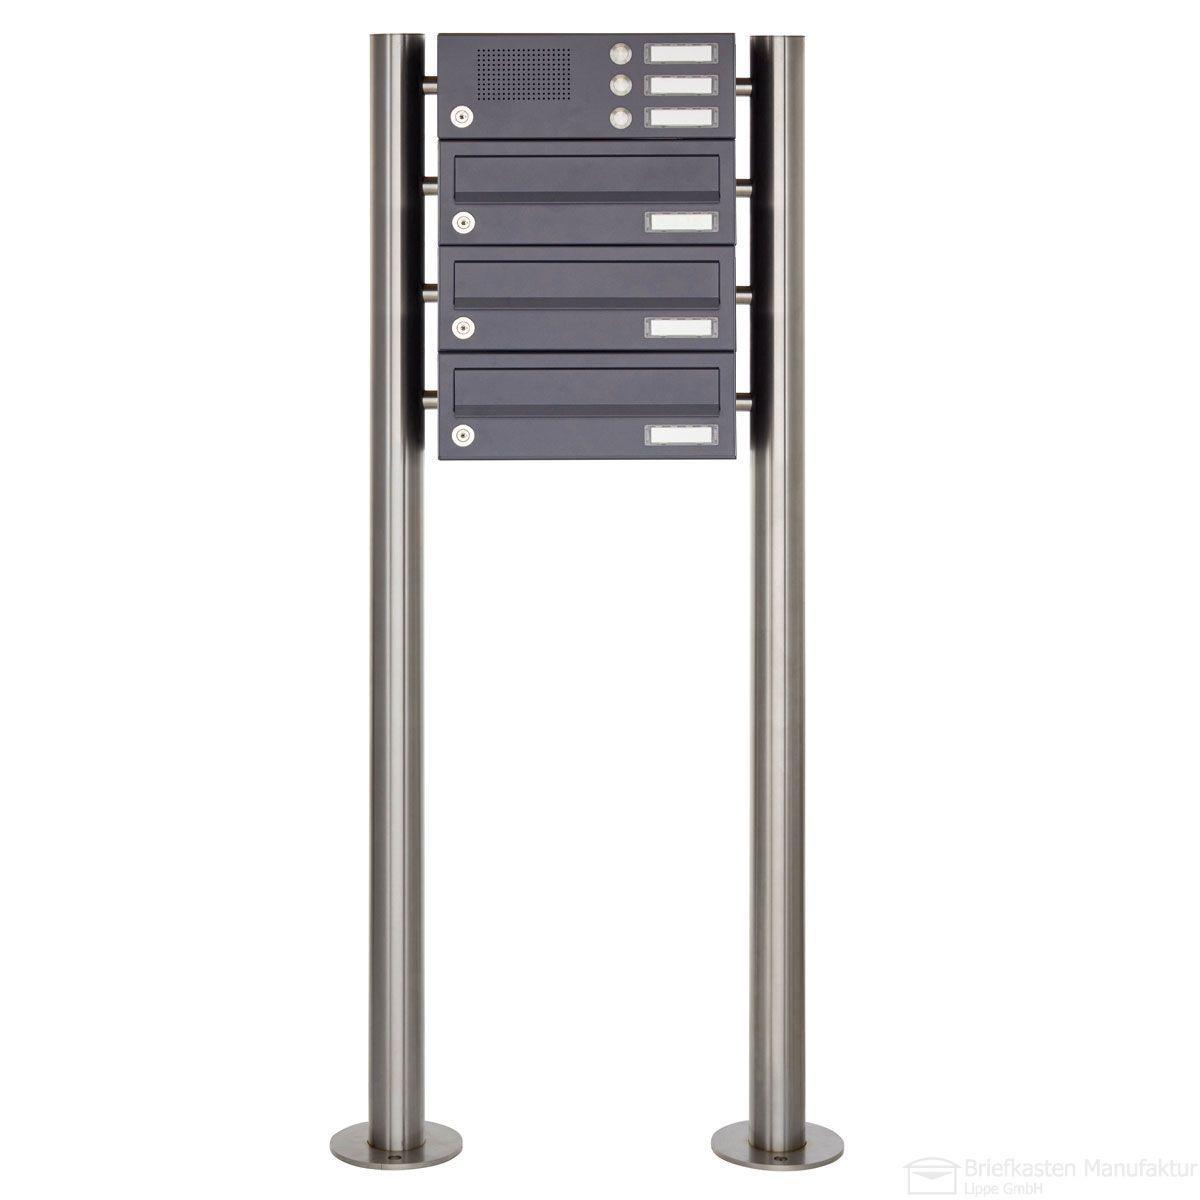 Zaunbriefkasten Mit Klingel standbriefkasten design basic 385 7016 sp mit klingel sprechteil